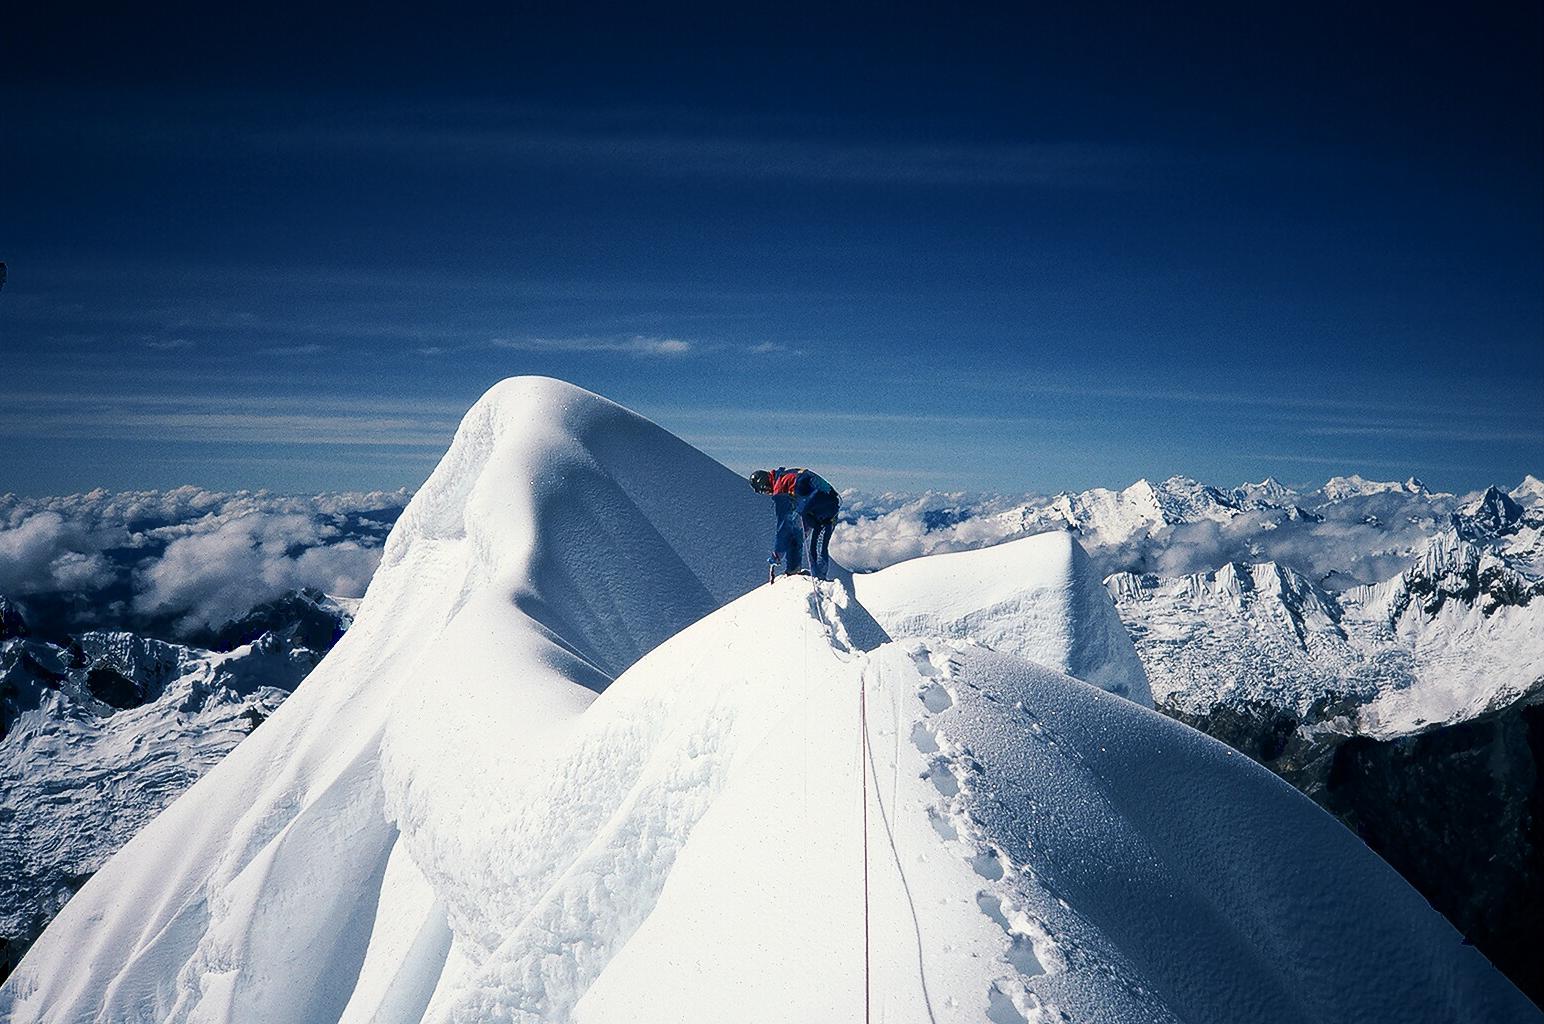 Making my way along the precarious summit ridge of Alpamayo 5947m, Peru